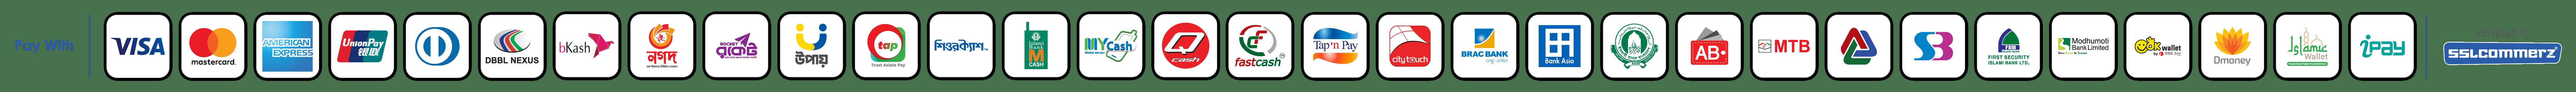 netstar payment gateways